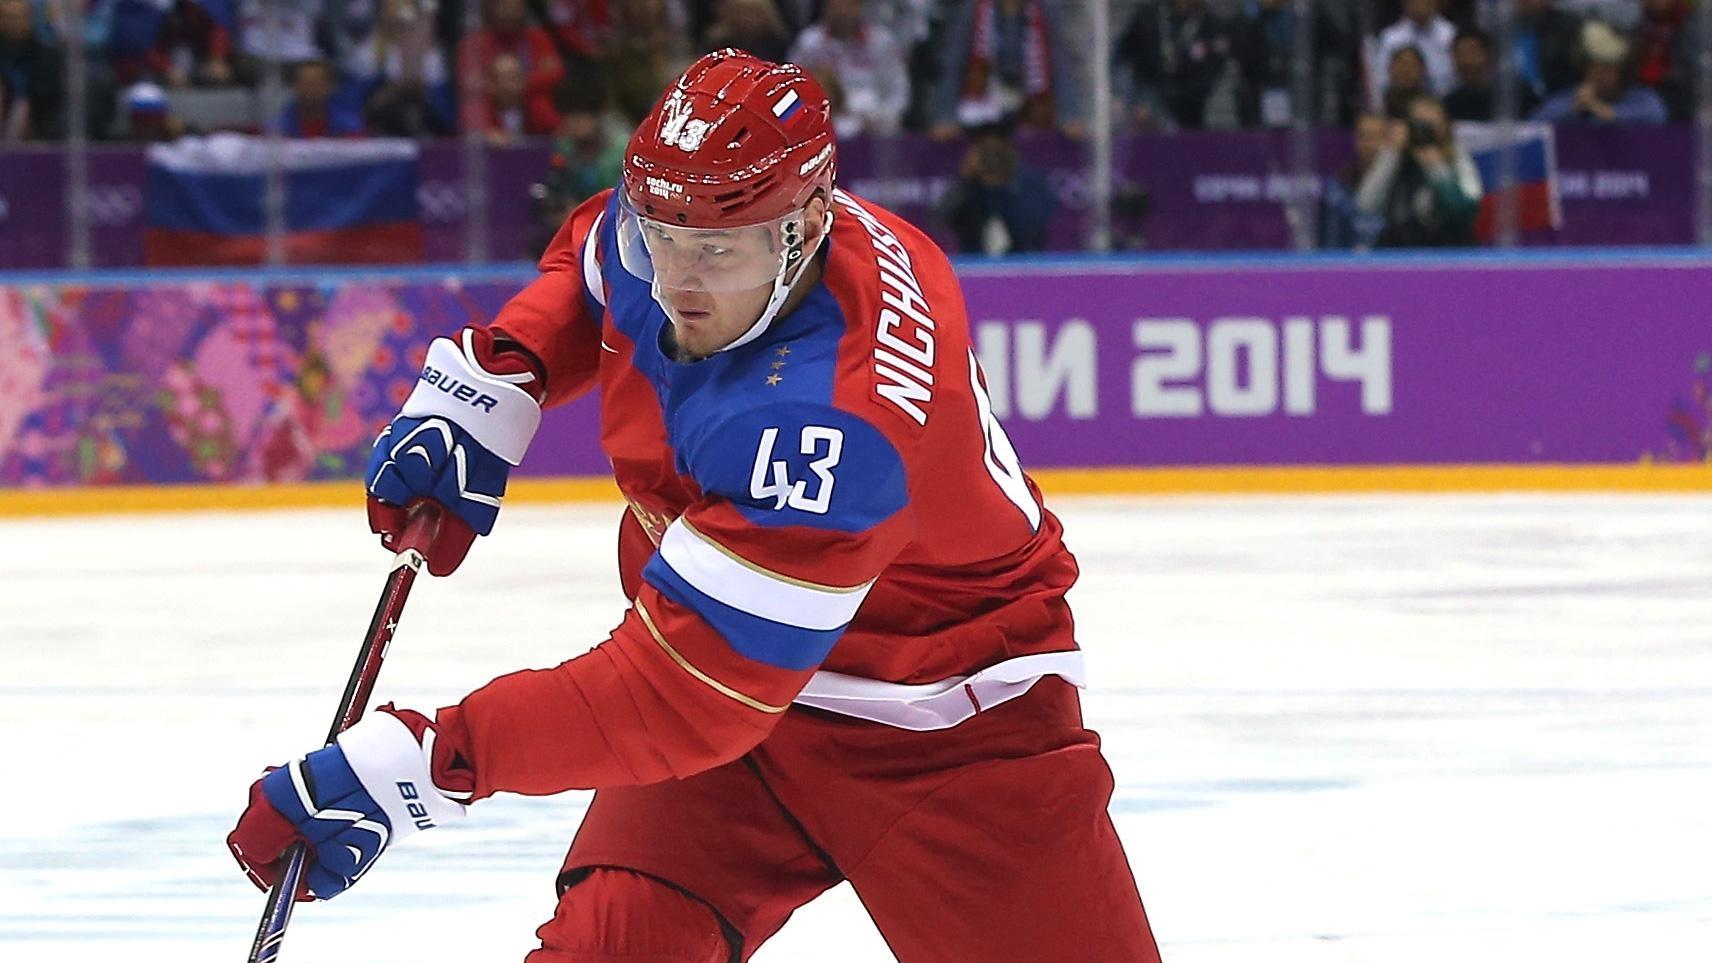 «Даллас» желает вернуть себе нападающего сборной Российской Федерации Ничушкина через год